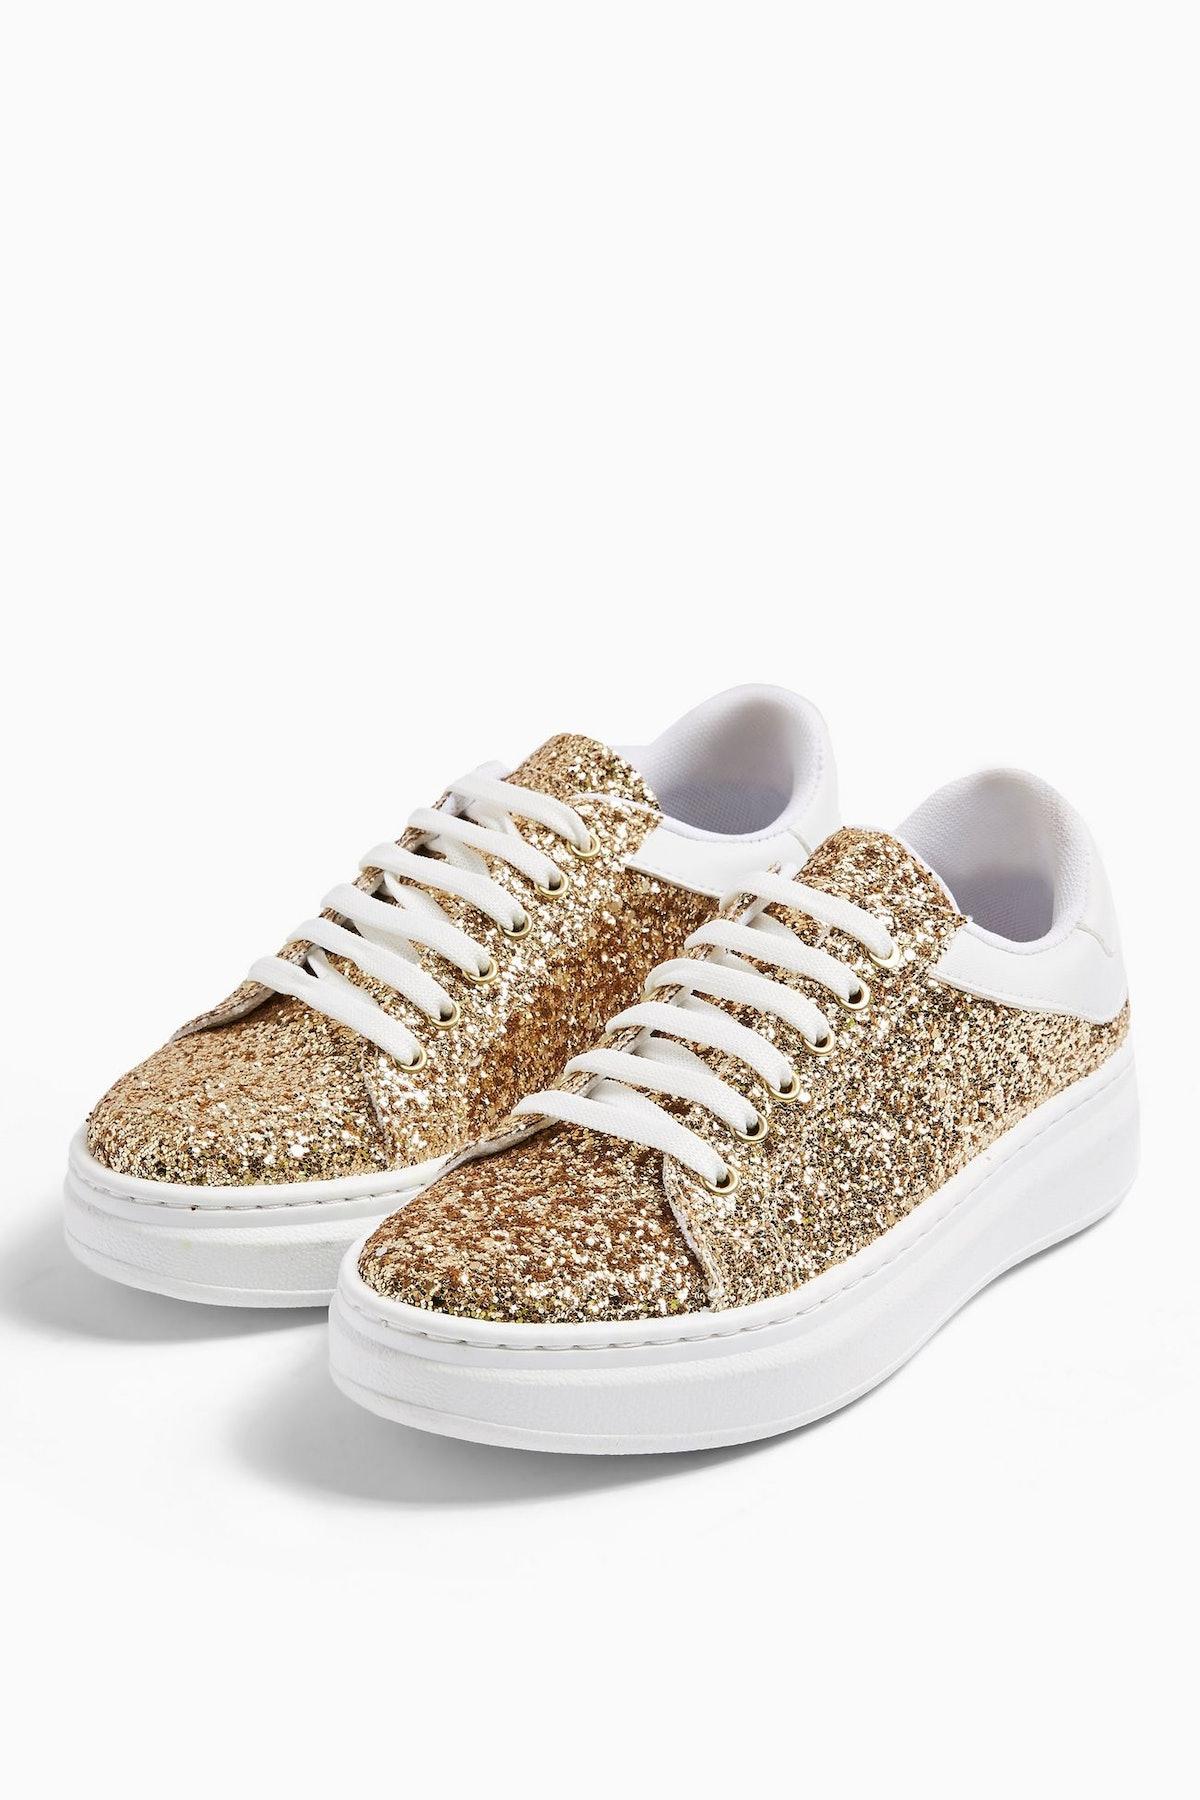 CUBA Gold Glitter Sneakers